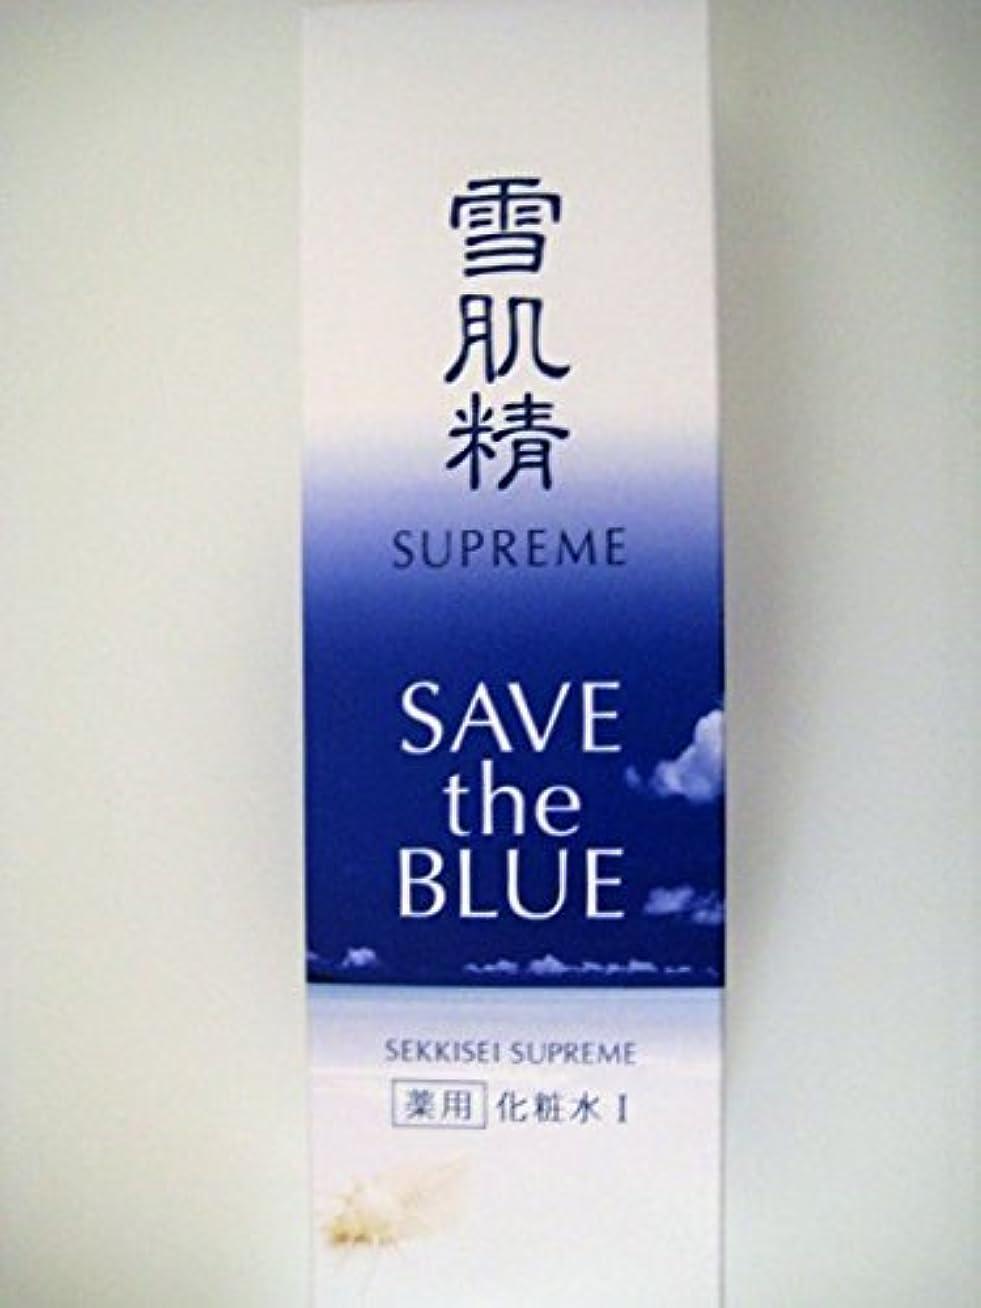 フォーム撃退する優しさ雪肌精 シュープレム 化粧水 Ⅰ SAVE THE BLUE 400ml